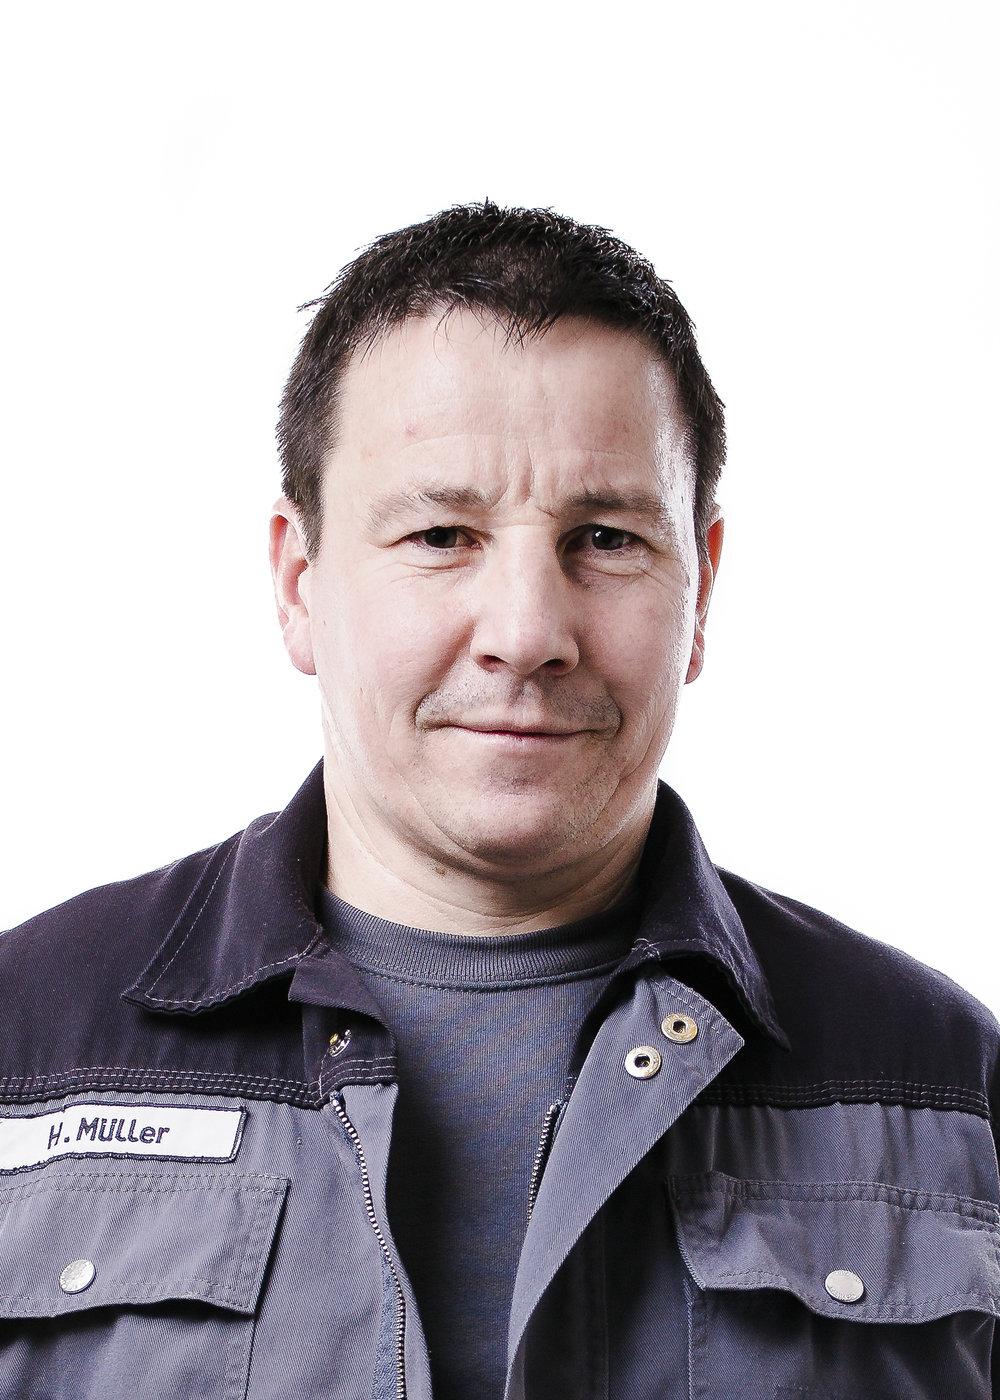 Herbert Müller, Mechanic